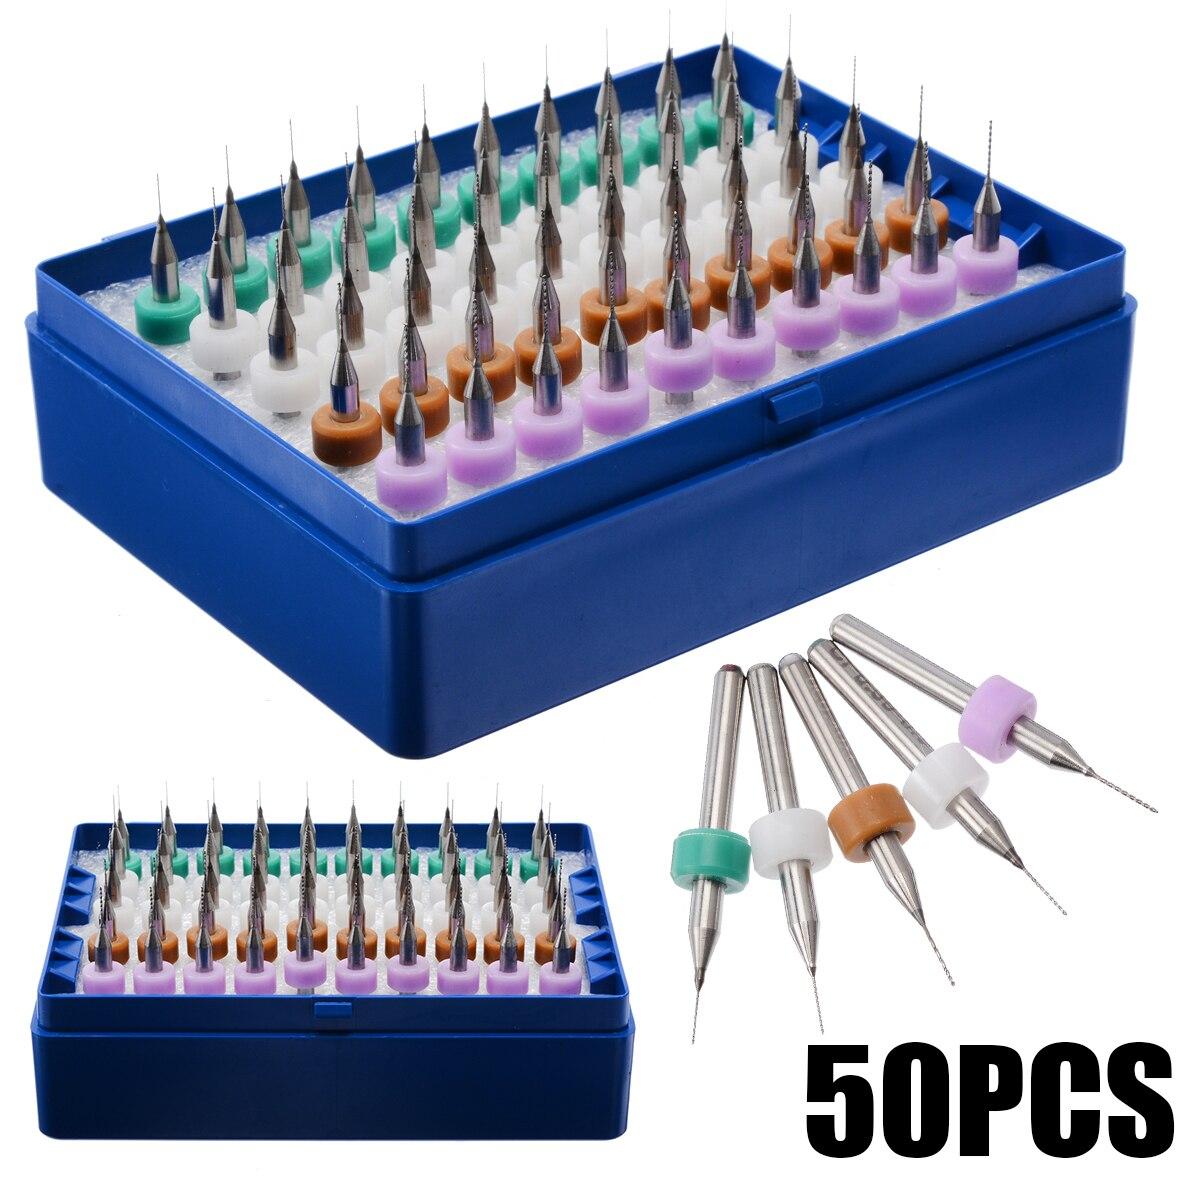 50Pcs/Set Print Circuit Board Drill Bits 0.25/0.3/0.35/0.4/0.45mm Carbide Micro Drill Bits CNC PCB Twist Drill